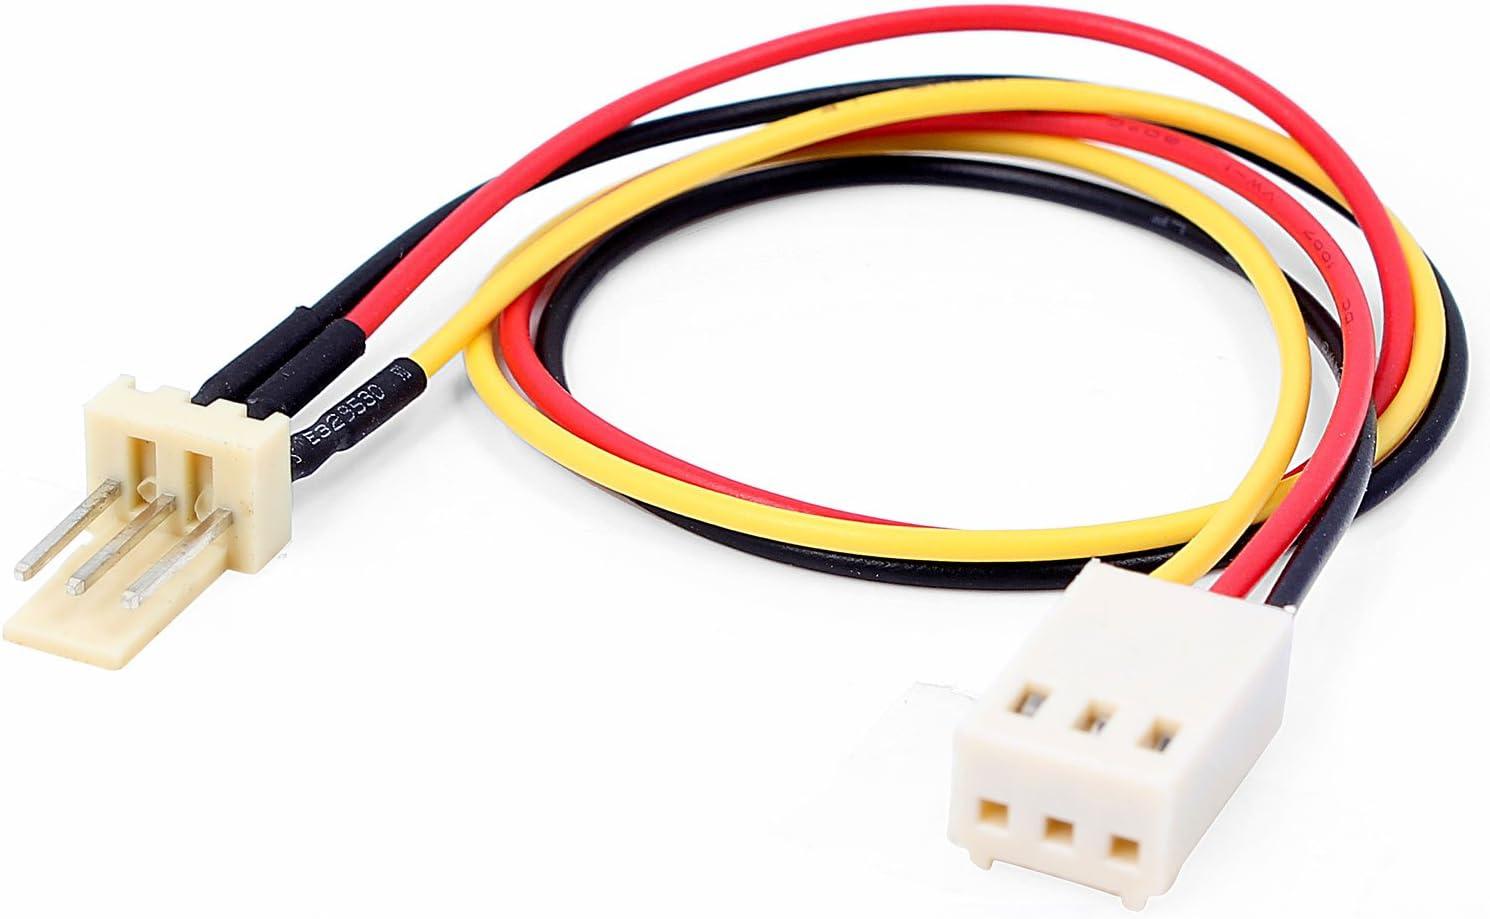 Neuftech Lüfter Verlängerung Kabel 3 Pin Stecker Auf Elektronik